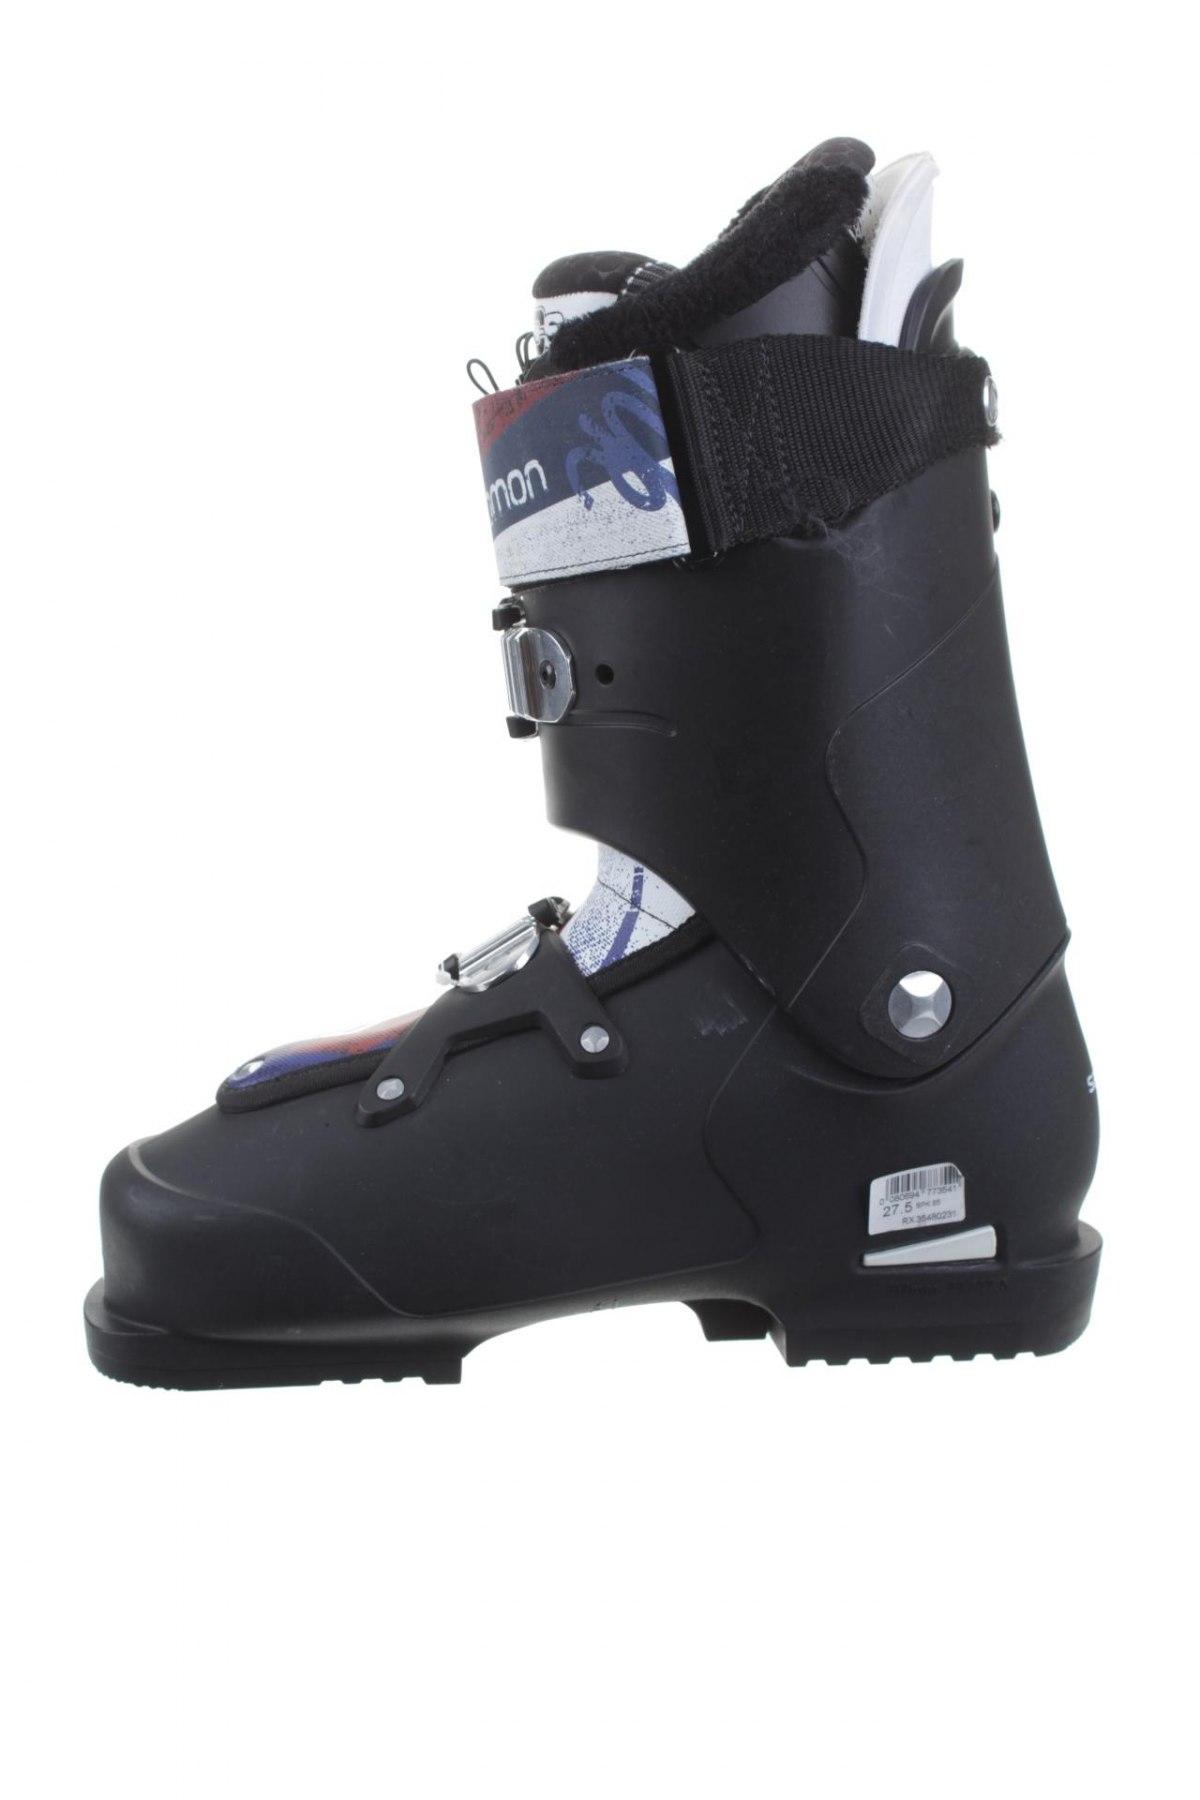 Buty do sportów zimowych Salomon kup w korzystnej cenie na